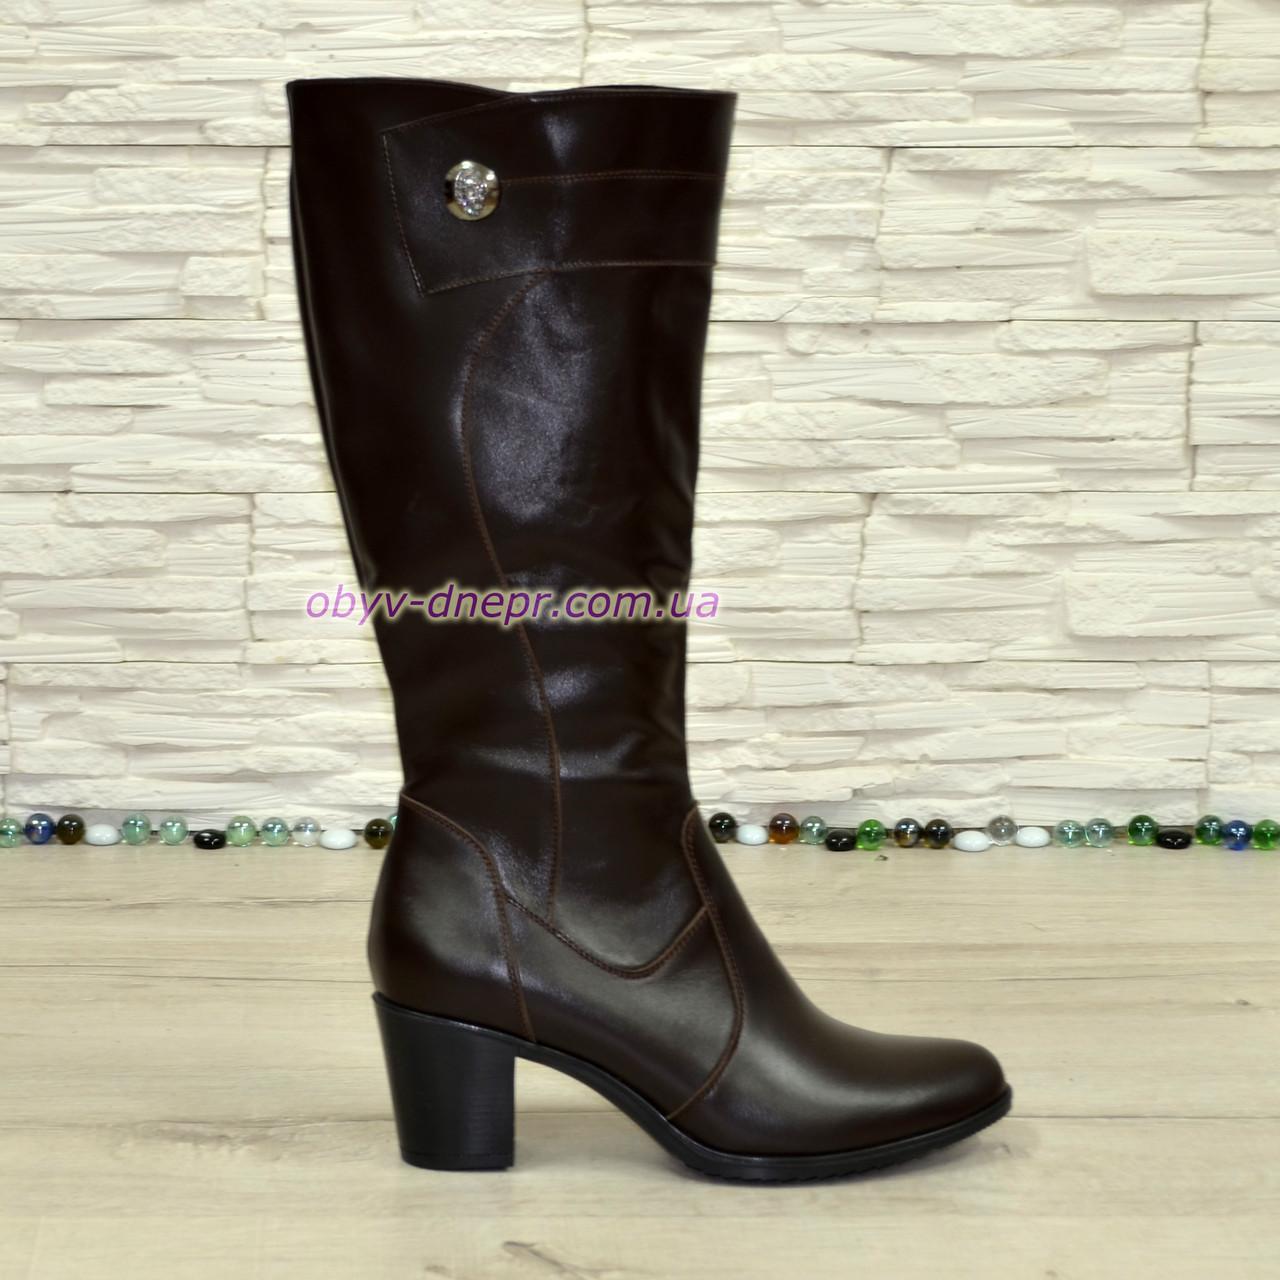 1a804059 Купить Кожаные женские сапоги на невысоком каблуке, коричневый цвет ...